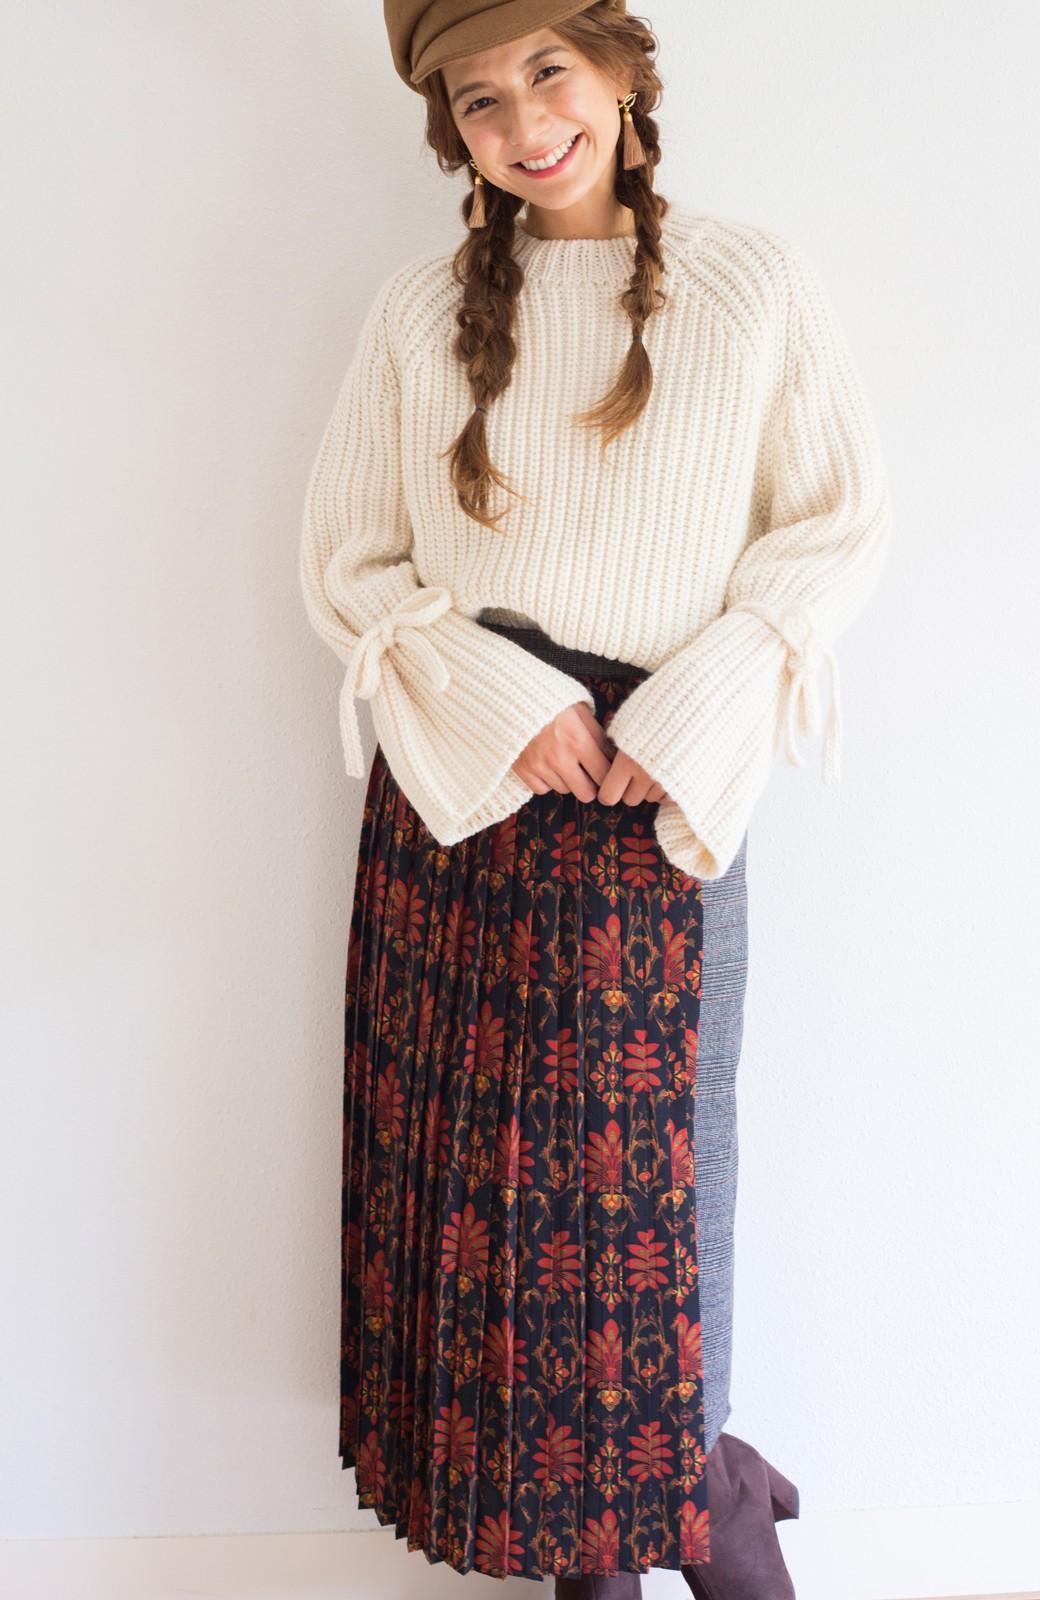 haco! <スザンヌさんコラボ>ラブ&ピースプロジェクト グレンチェック&ダークフラワー柄のアシンメトリースカート <グレー系その他>の商品写真16